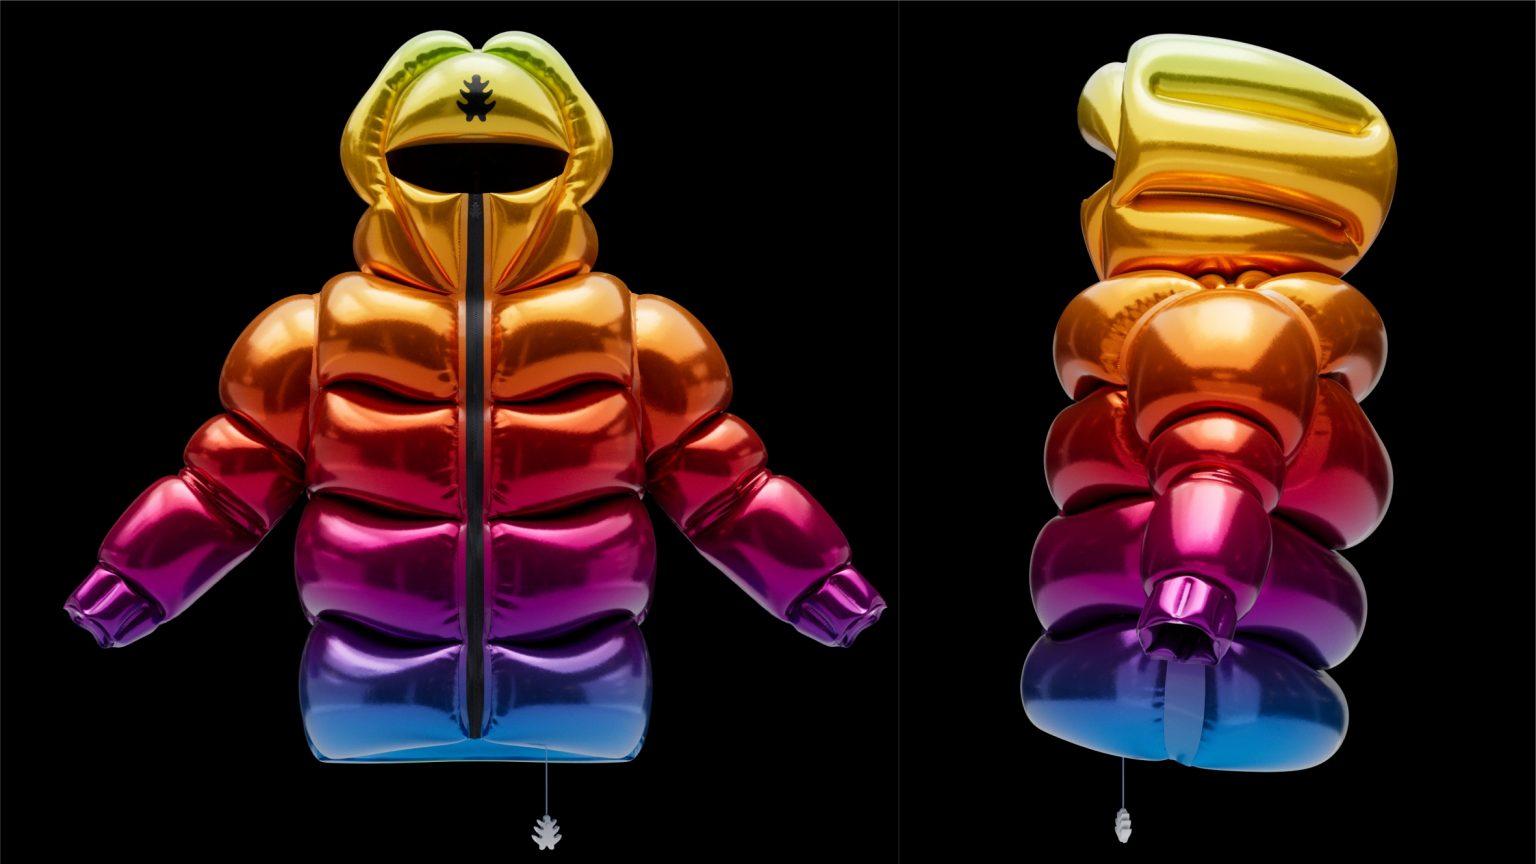 Итальянец создал куртку, в которой вместо пуха гелий. Она умеет летать